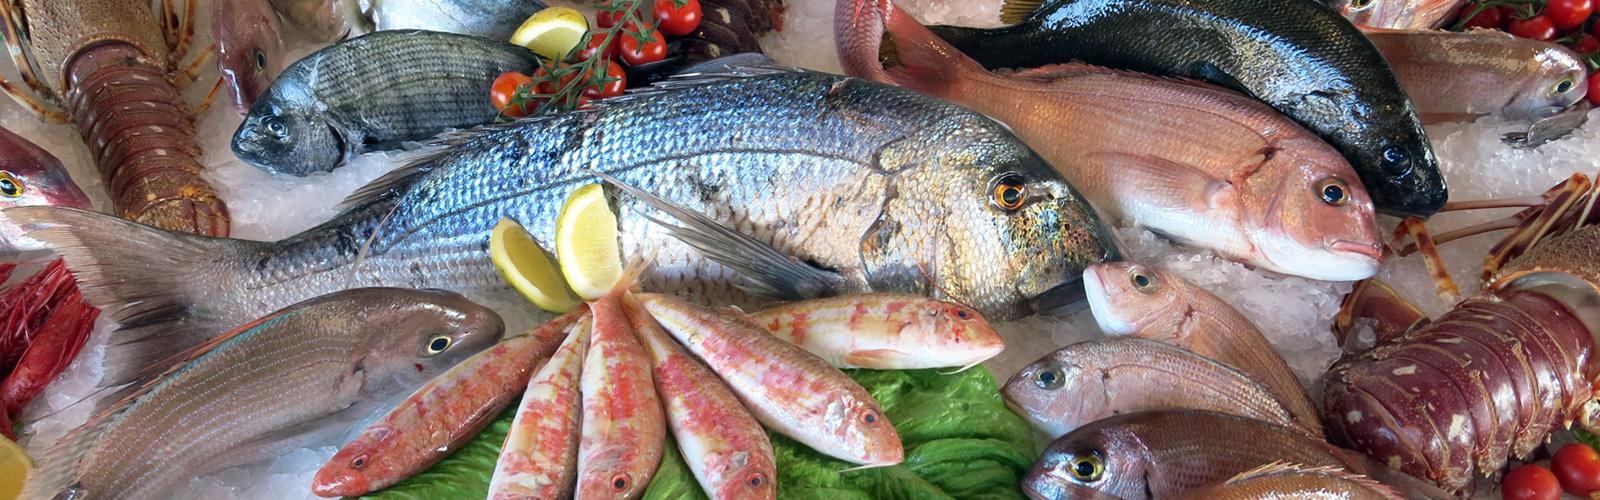 Pescados - Pescados y Mariscos Angelito